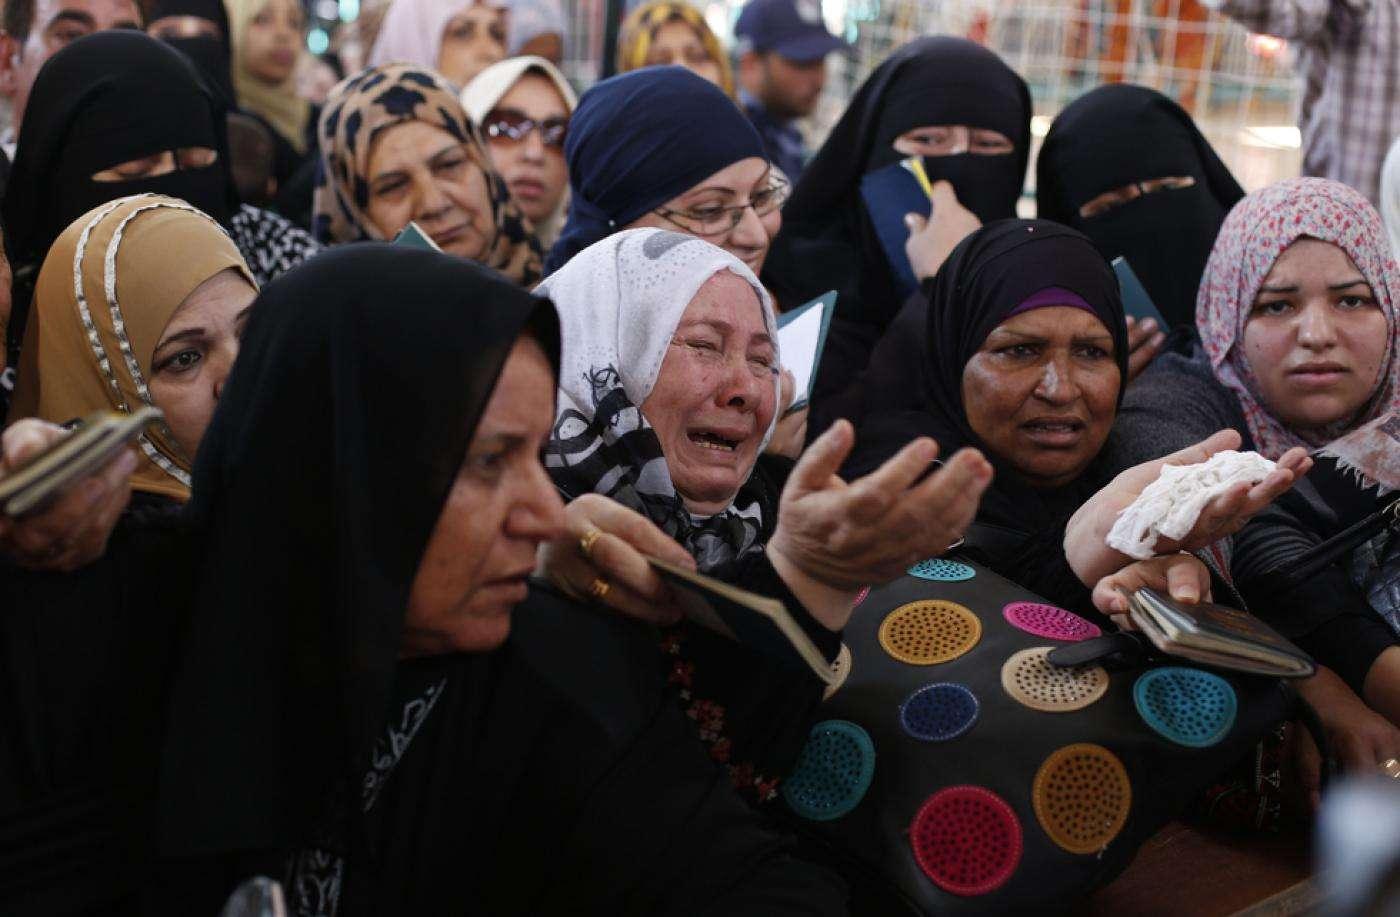 Malgré la brève ouverture du poste-frontière, les Gazaouis atteints de cancer restent captifs